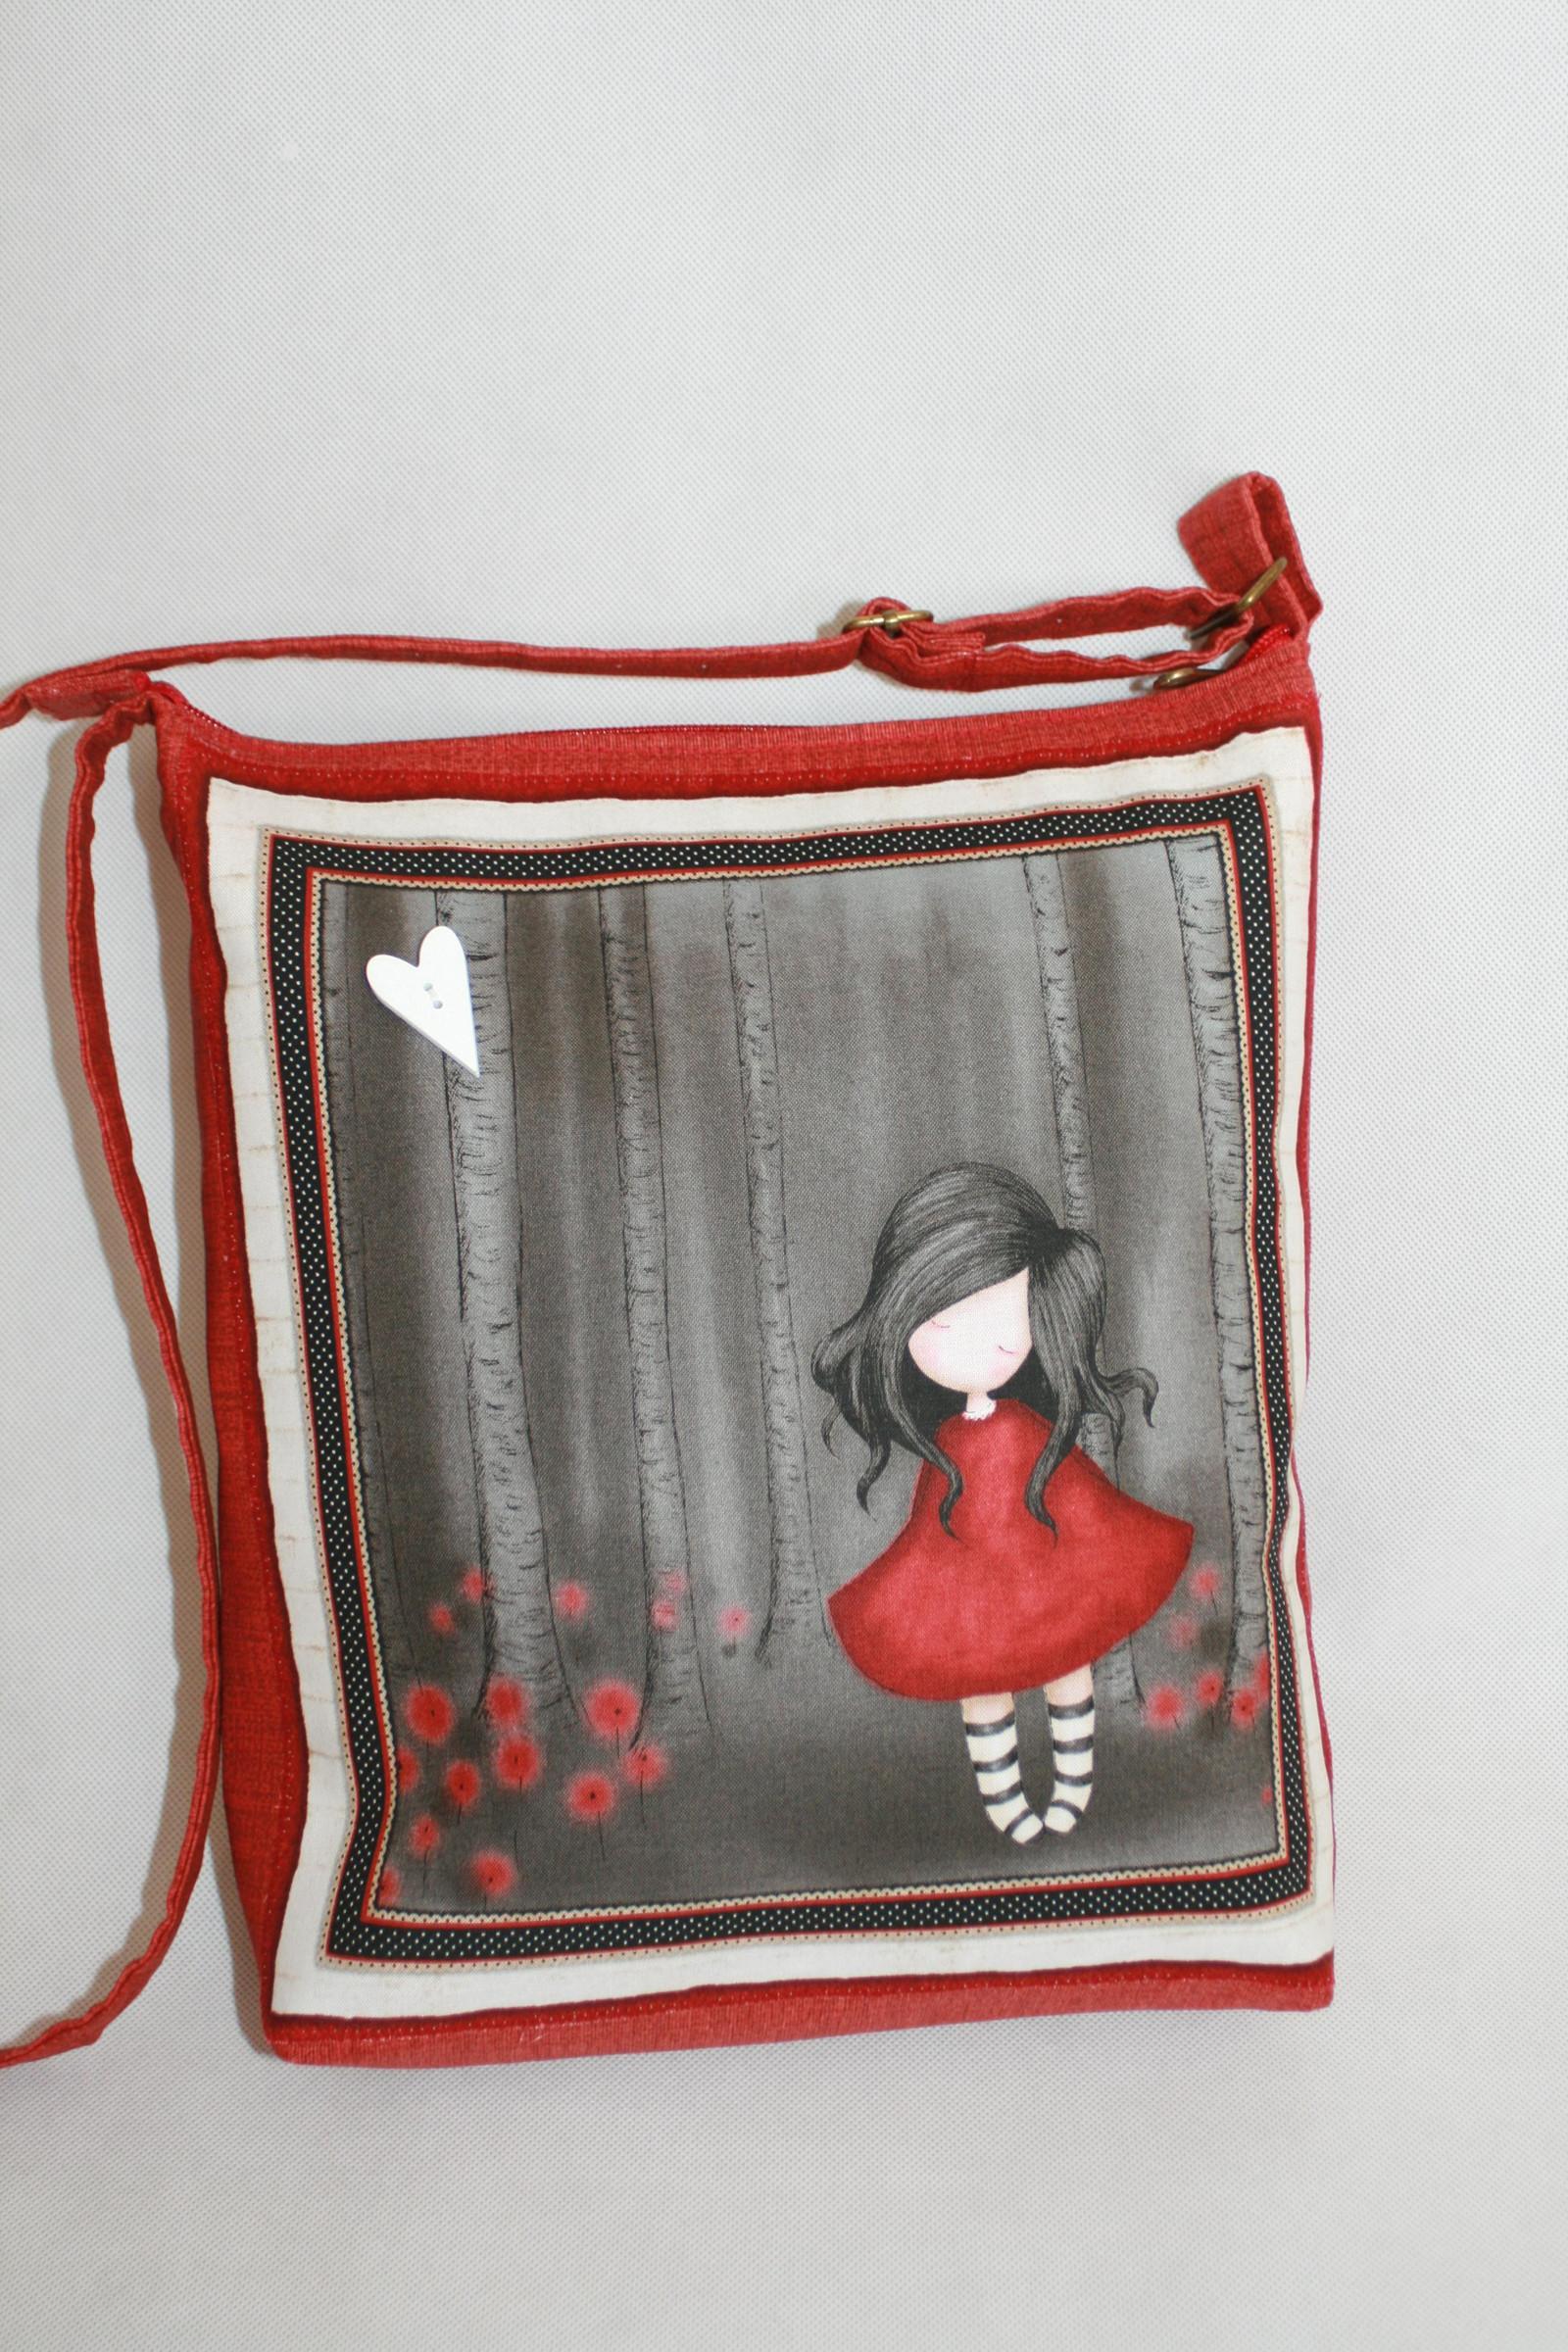 d297e8cf1f4 Vyztužená crossbody kabelka- s dívkou I.   Zboží prodejce RenatM ...